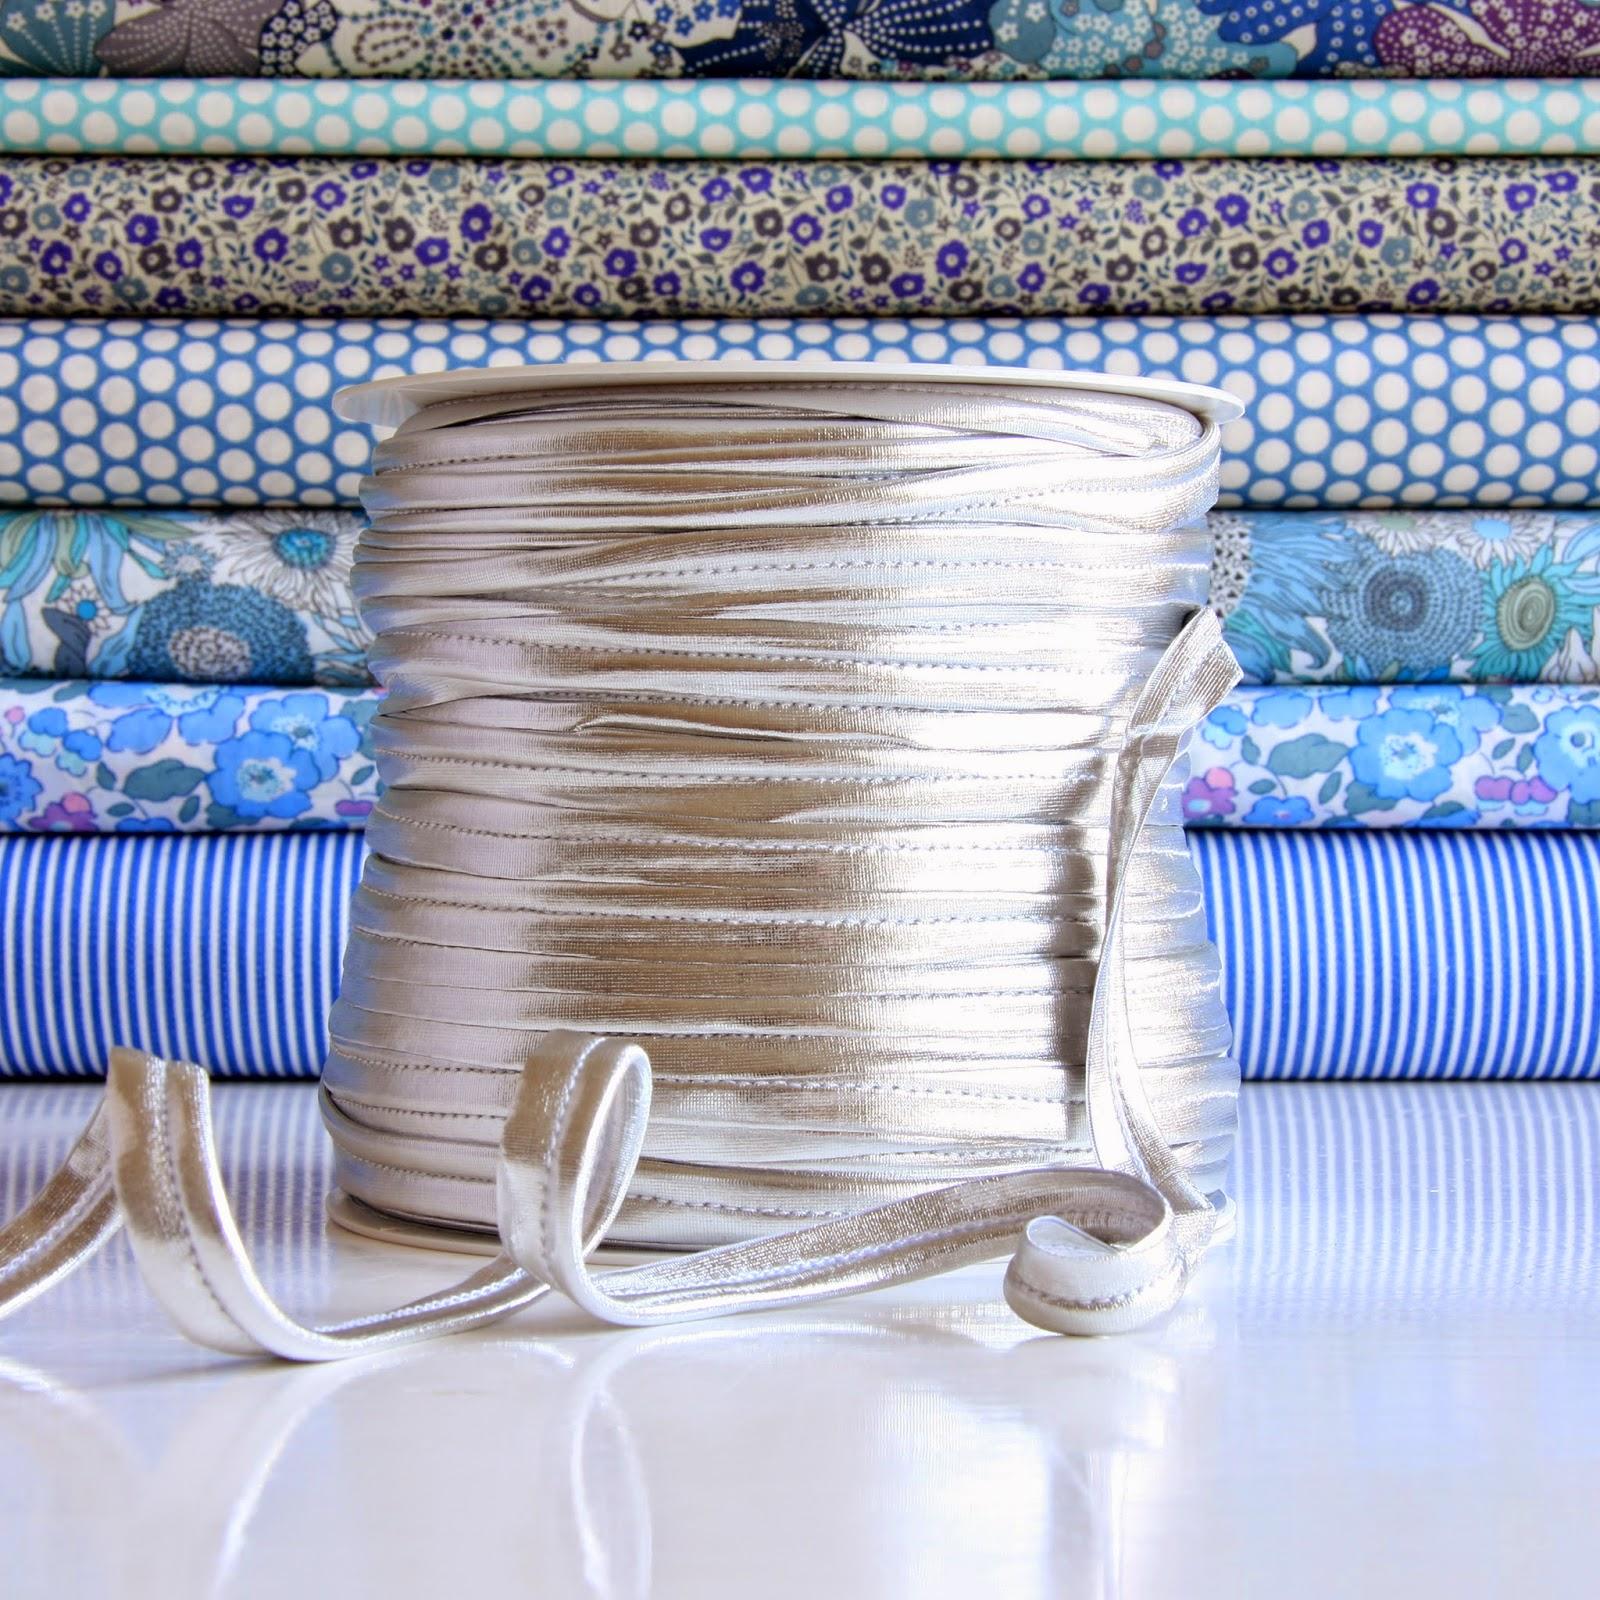 Tittebånd elastisk og sølvfarvet.